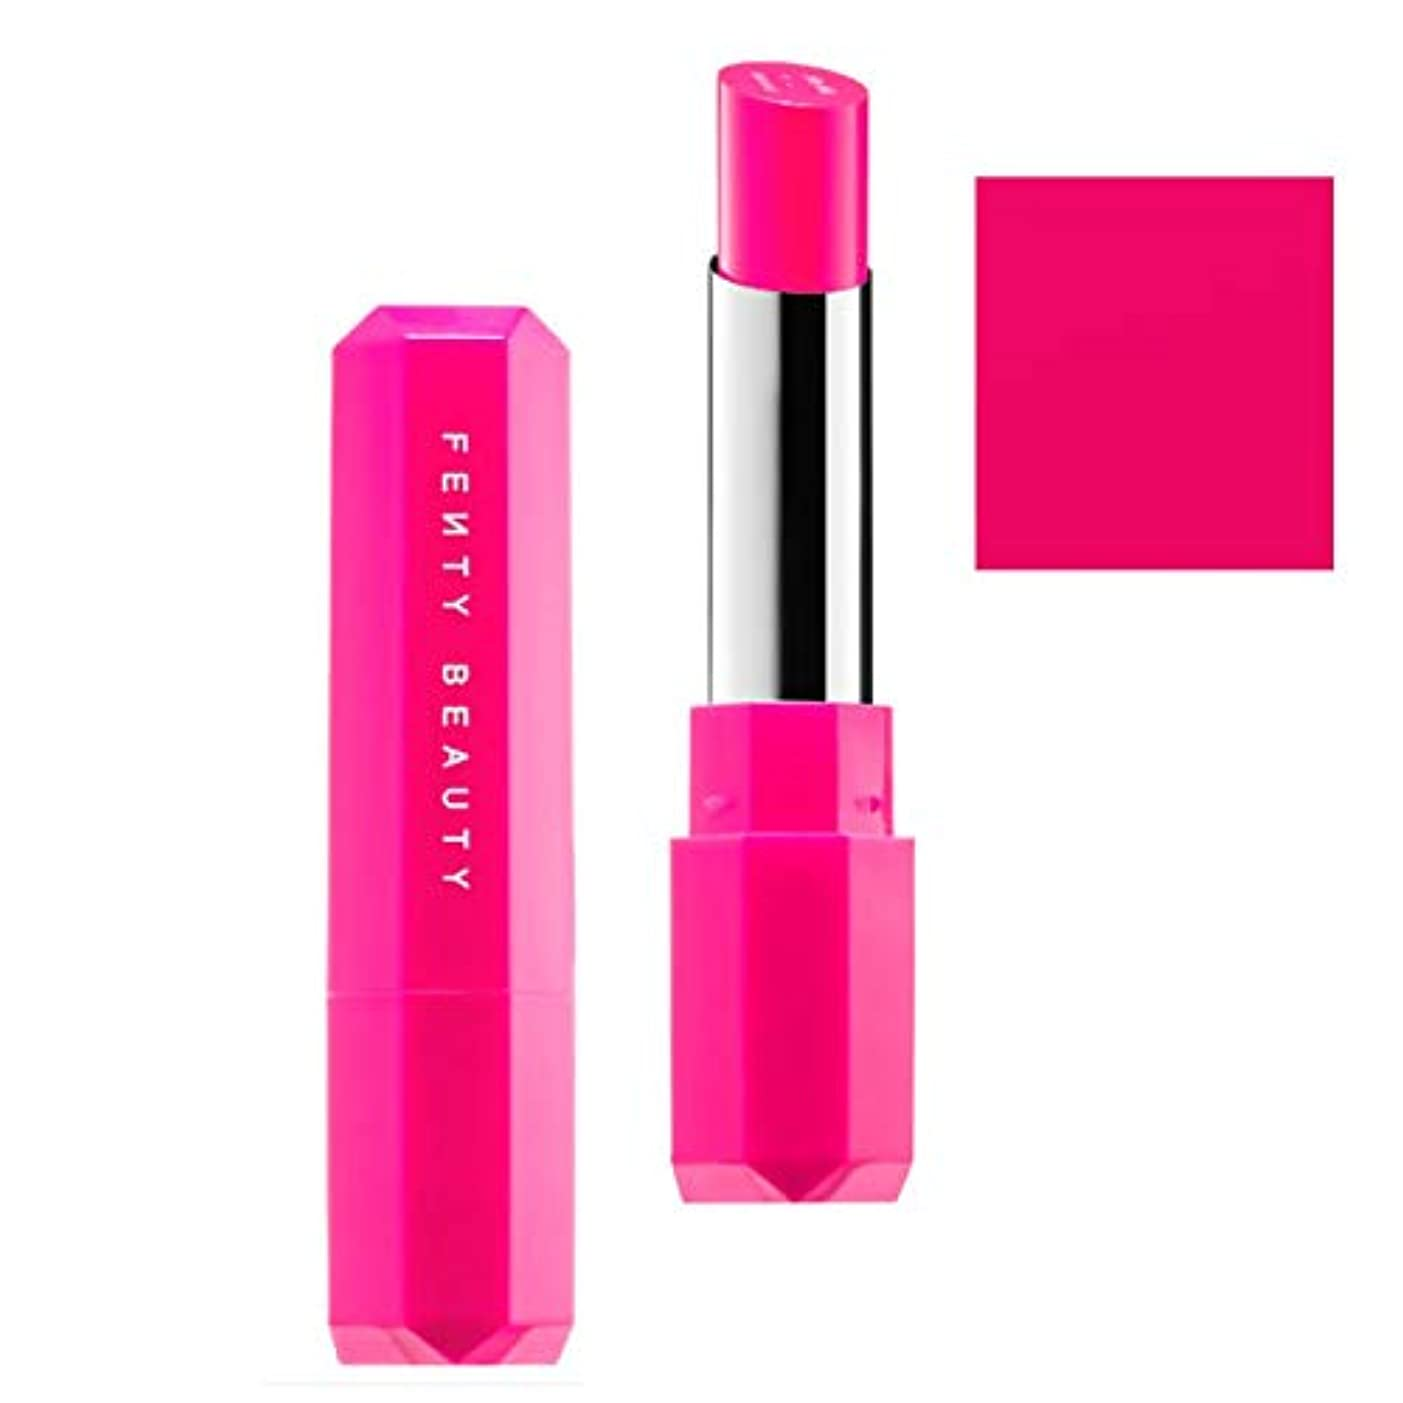 ゼロ火ペーストFENTY BEAUTY BY RIHANNA,New!!, 限定版 limited-edition, Poutsicle Juicy Satin Lipstick - Tropic Tantrum [海外直送品] [並行輸入品]